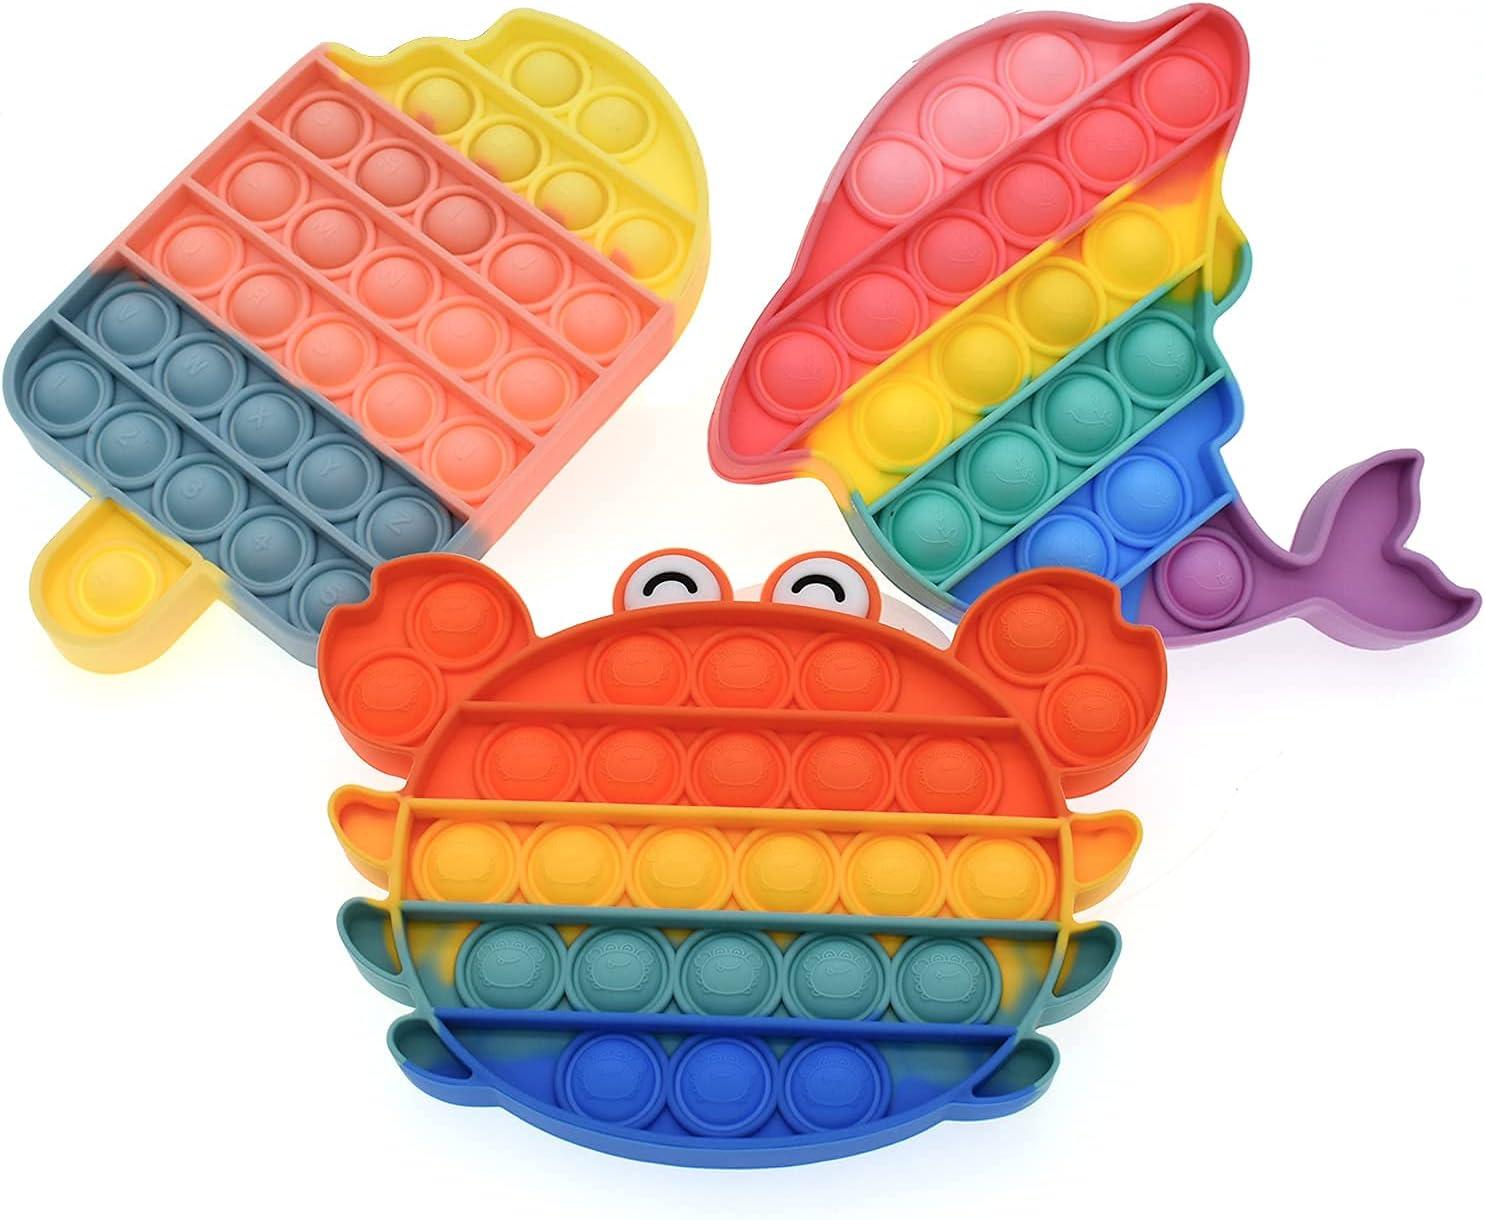 CIOOU Push Sensory Fidget Toy, Pop It Push Bubble Fidget Toys An